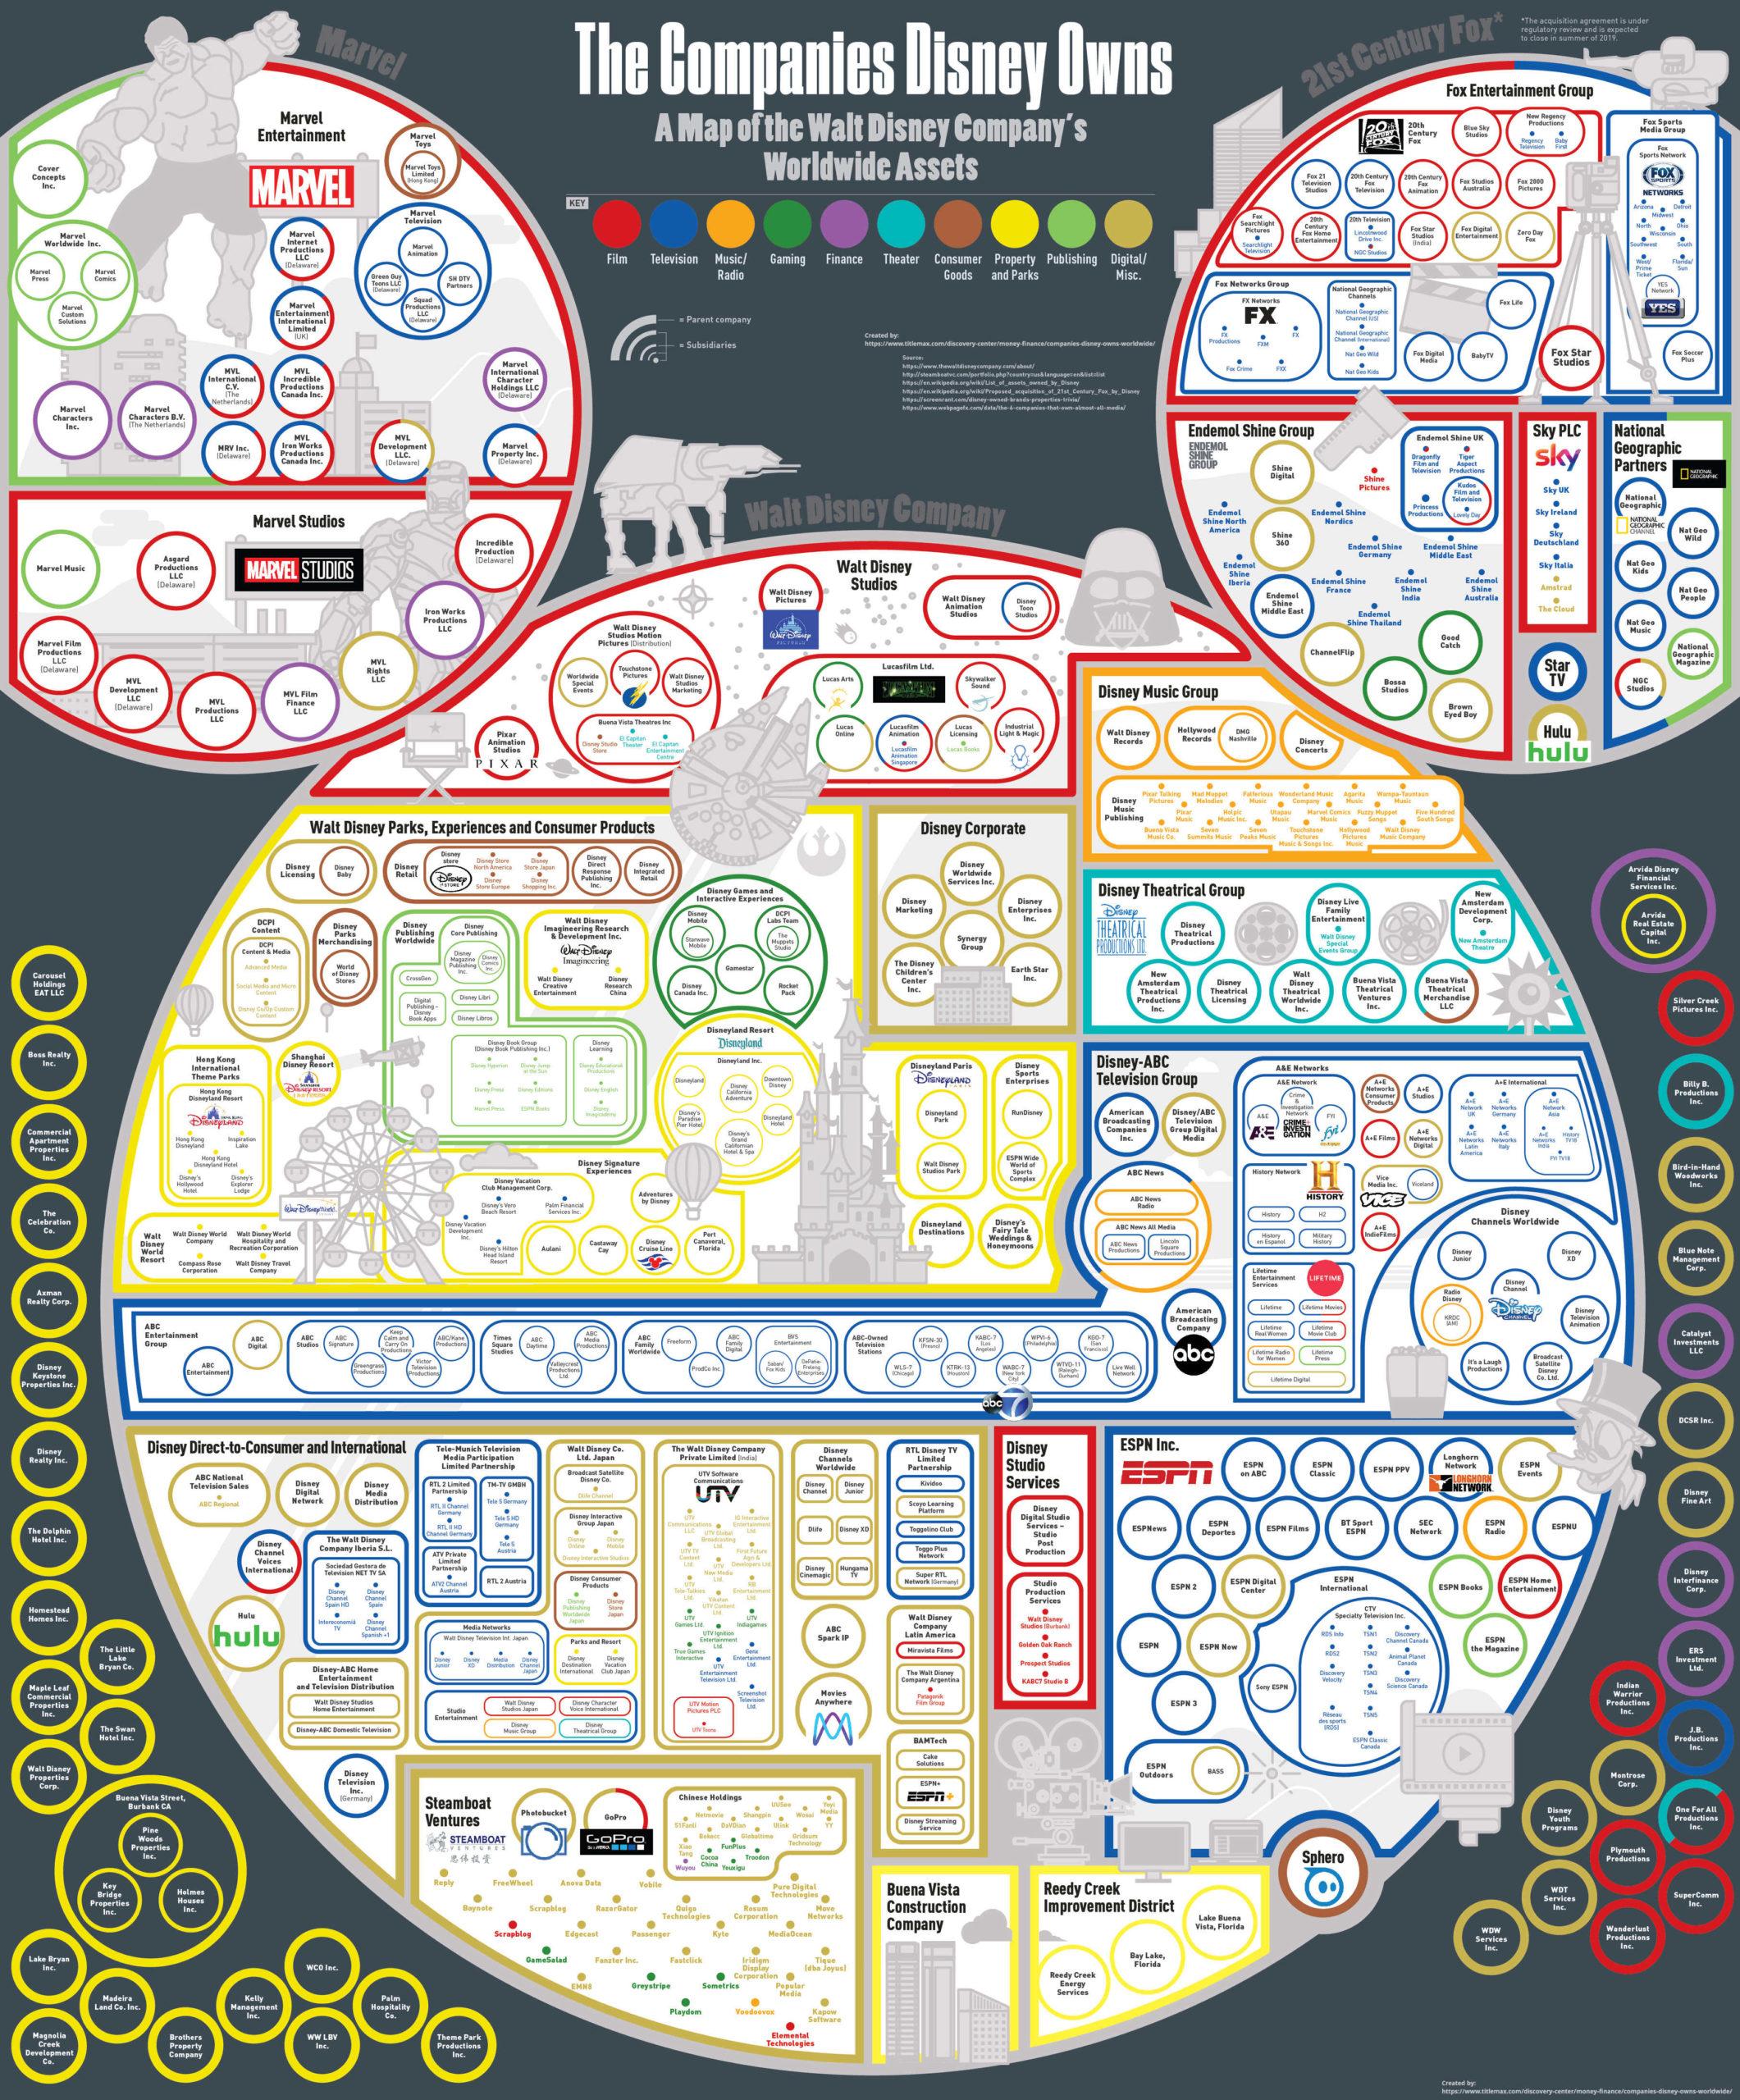 Walt Disney Universum